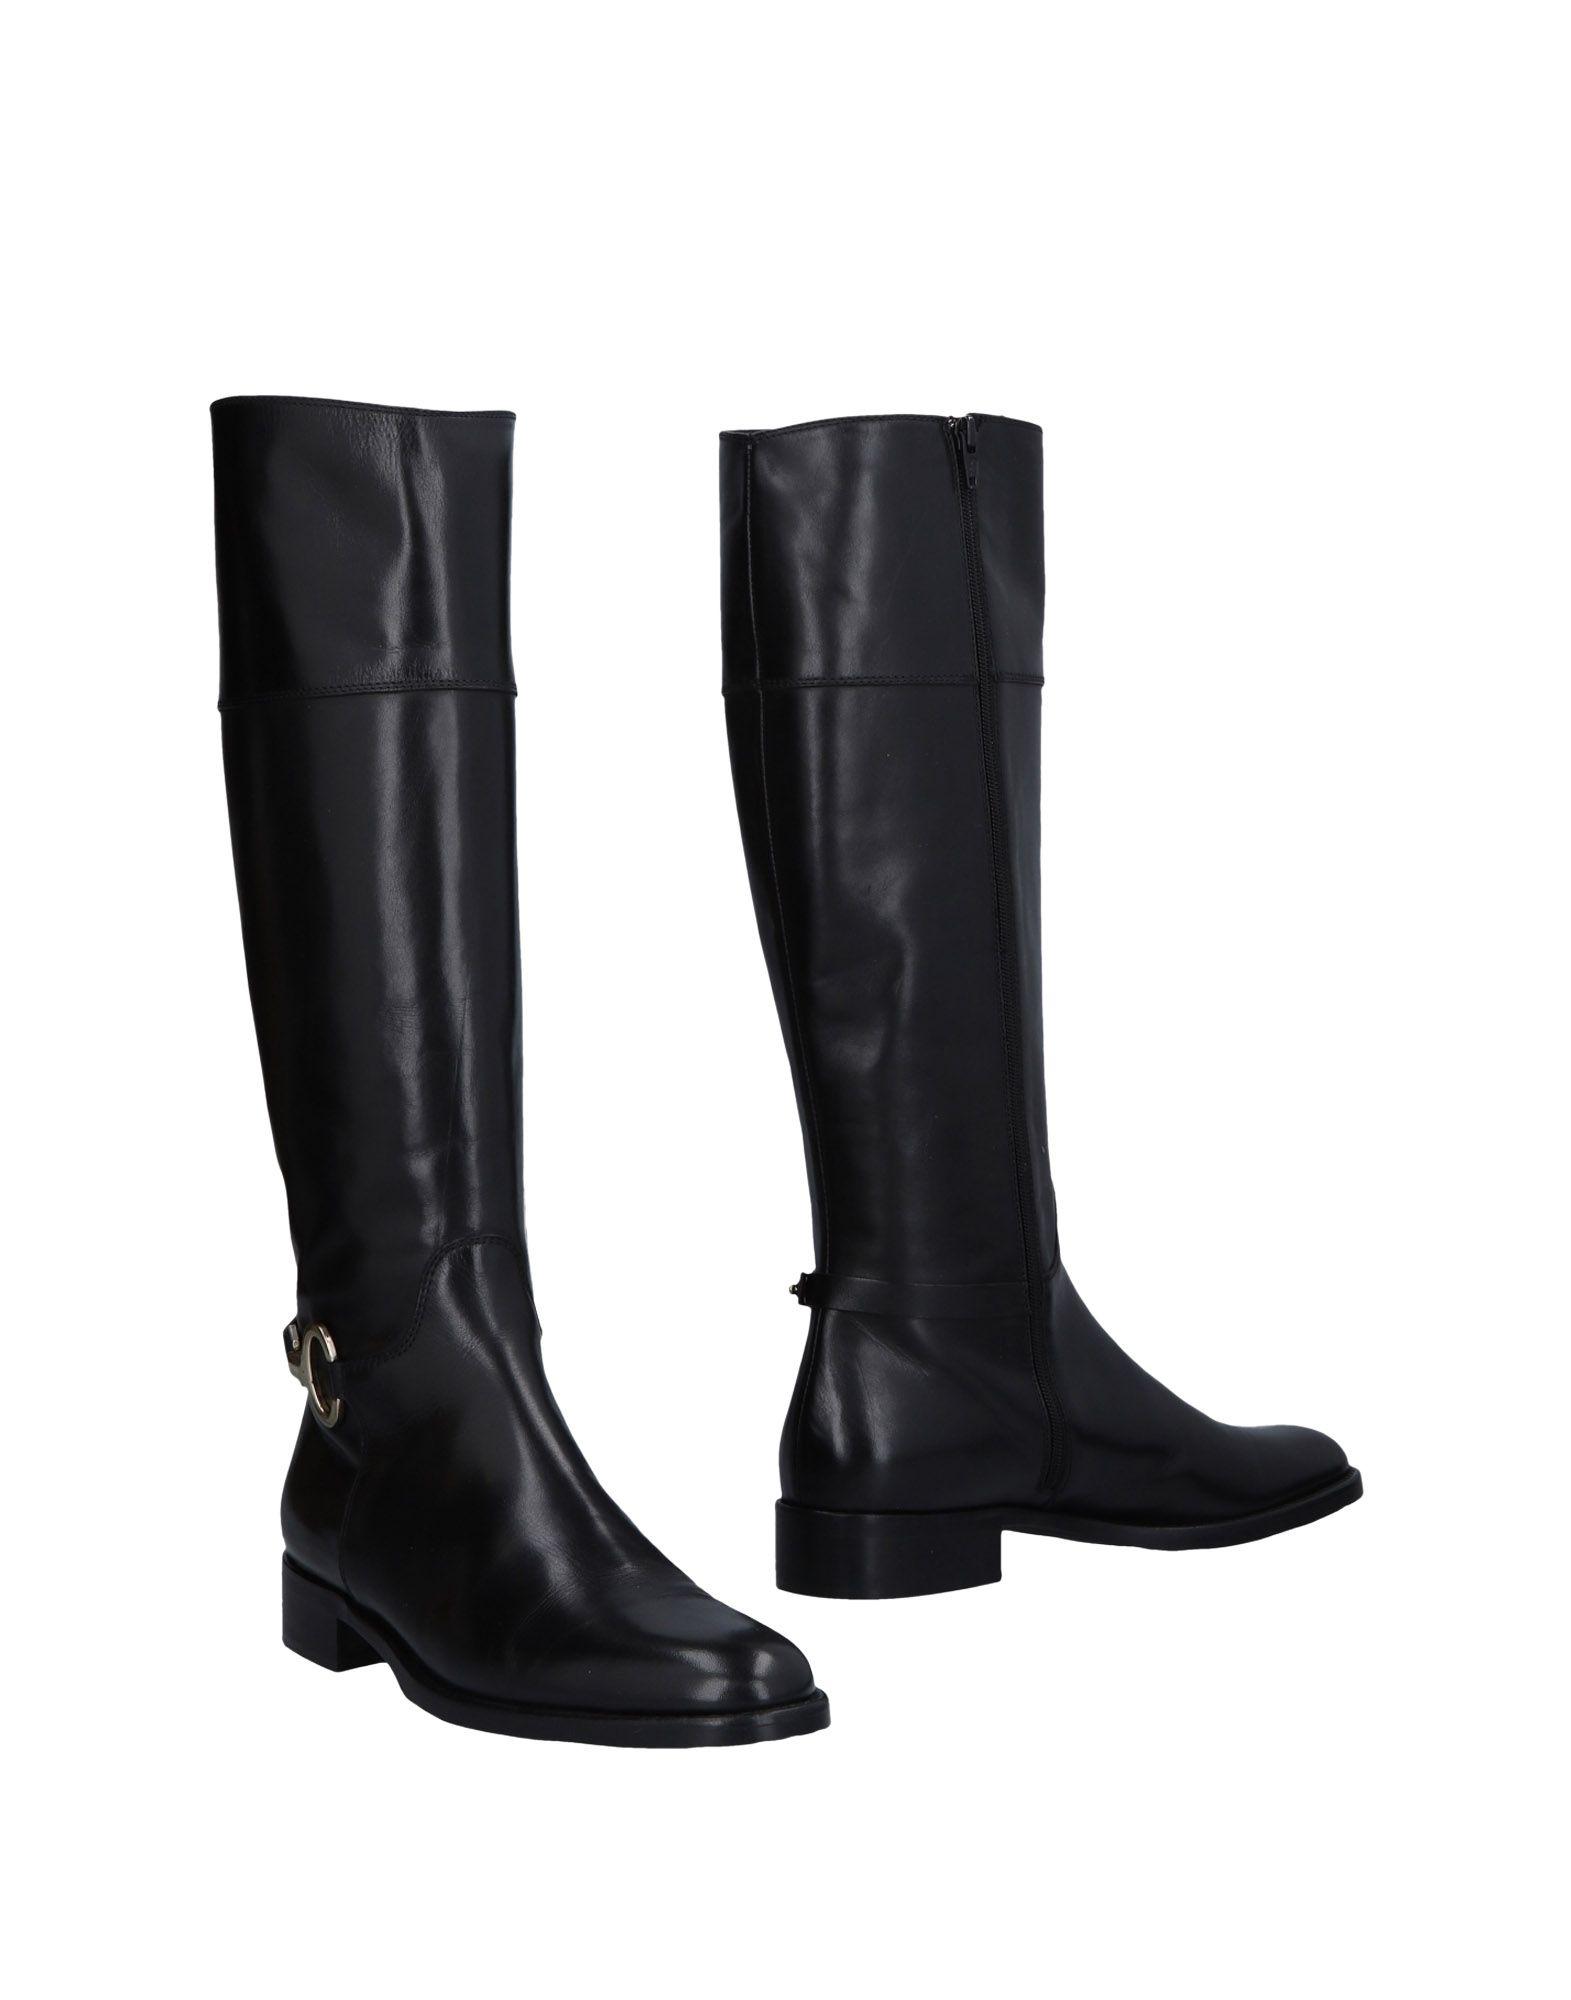 Moda Stivali E'clat Donna - 11481814DE